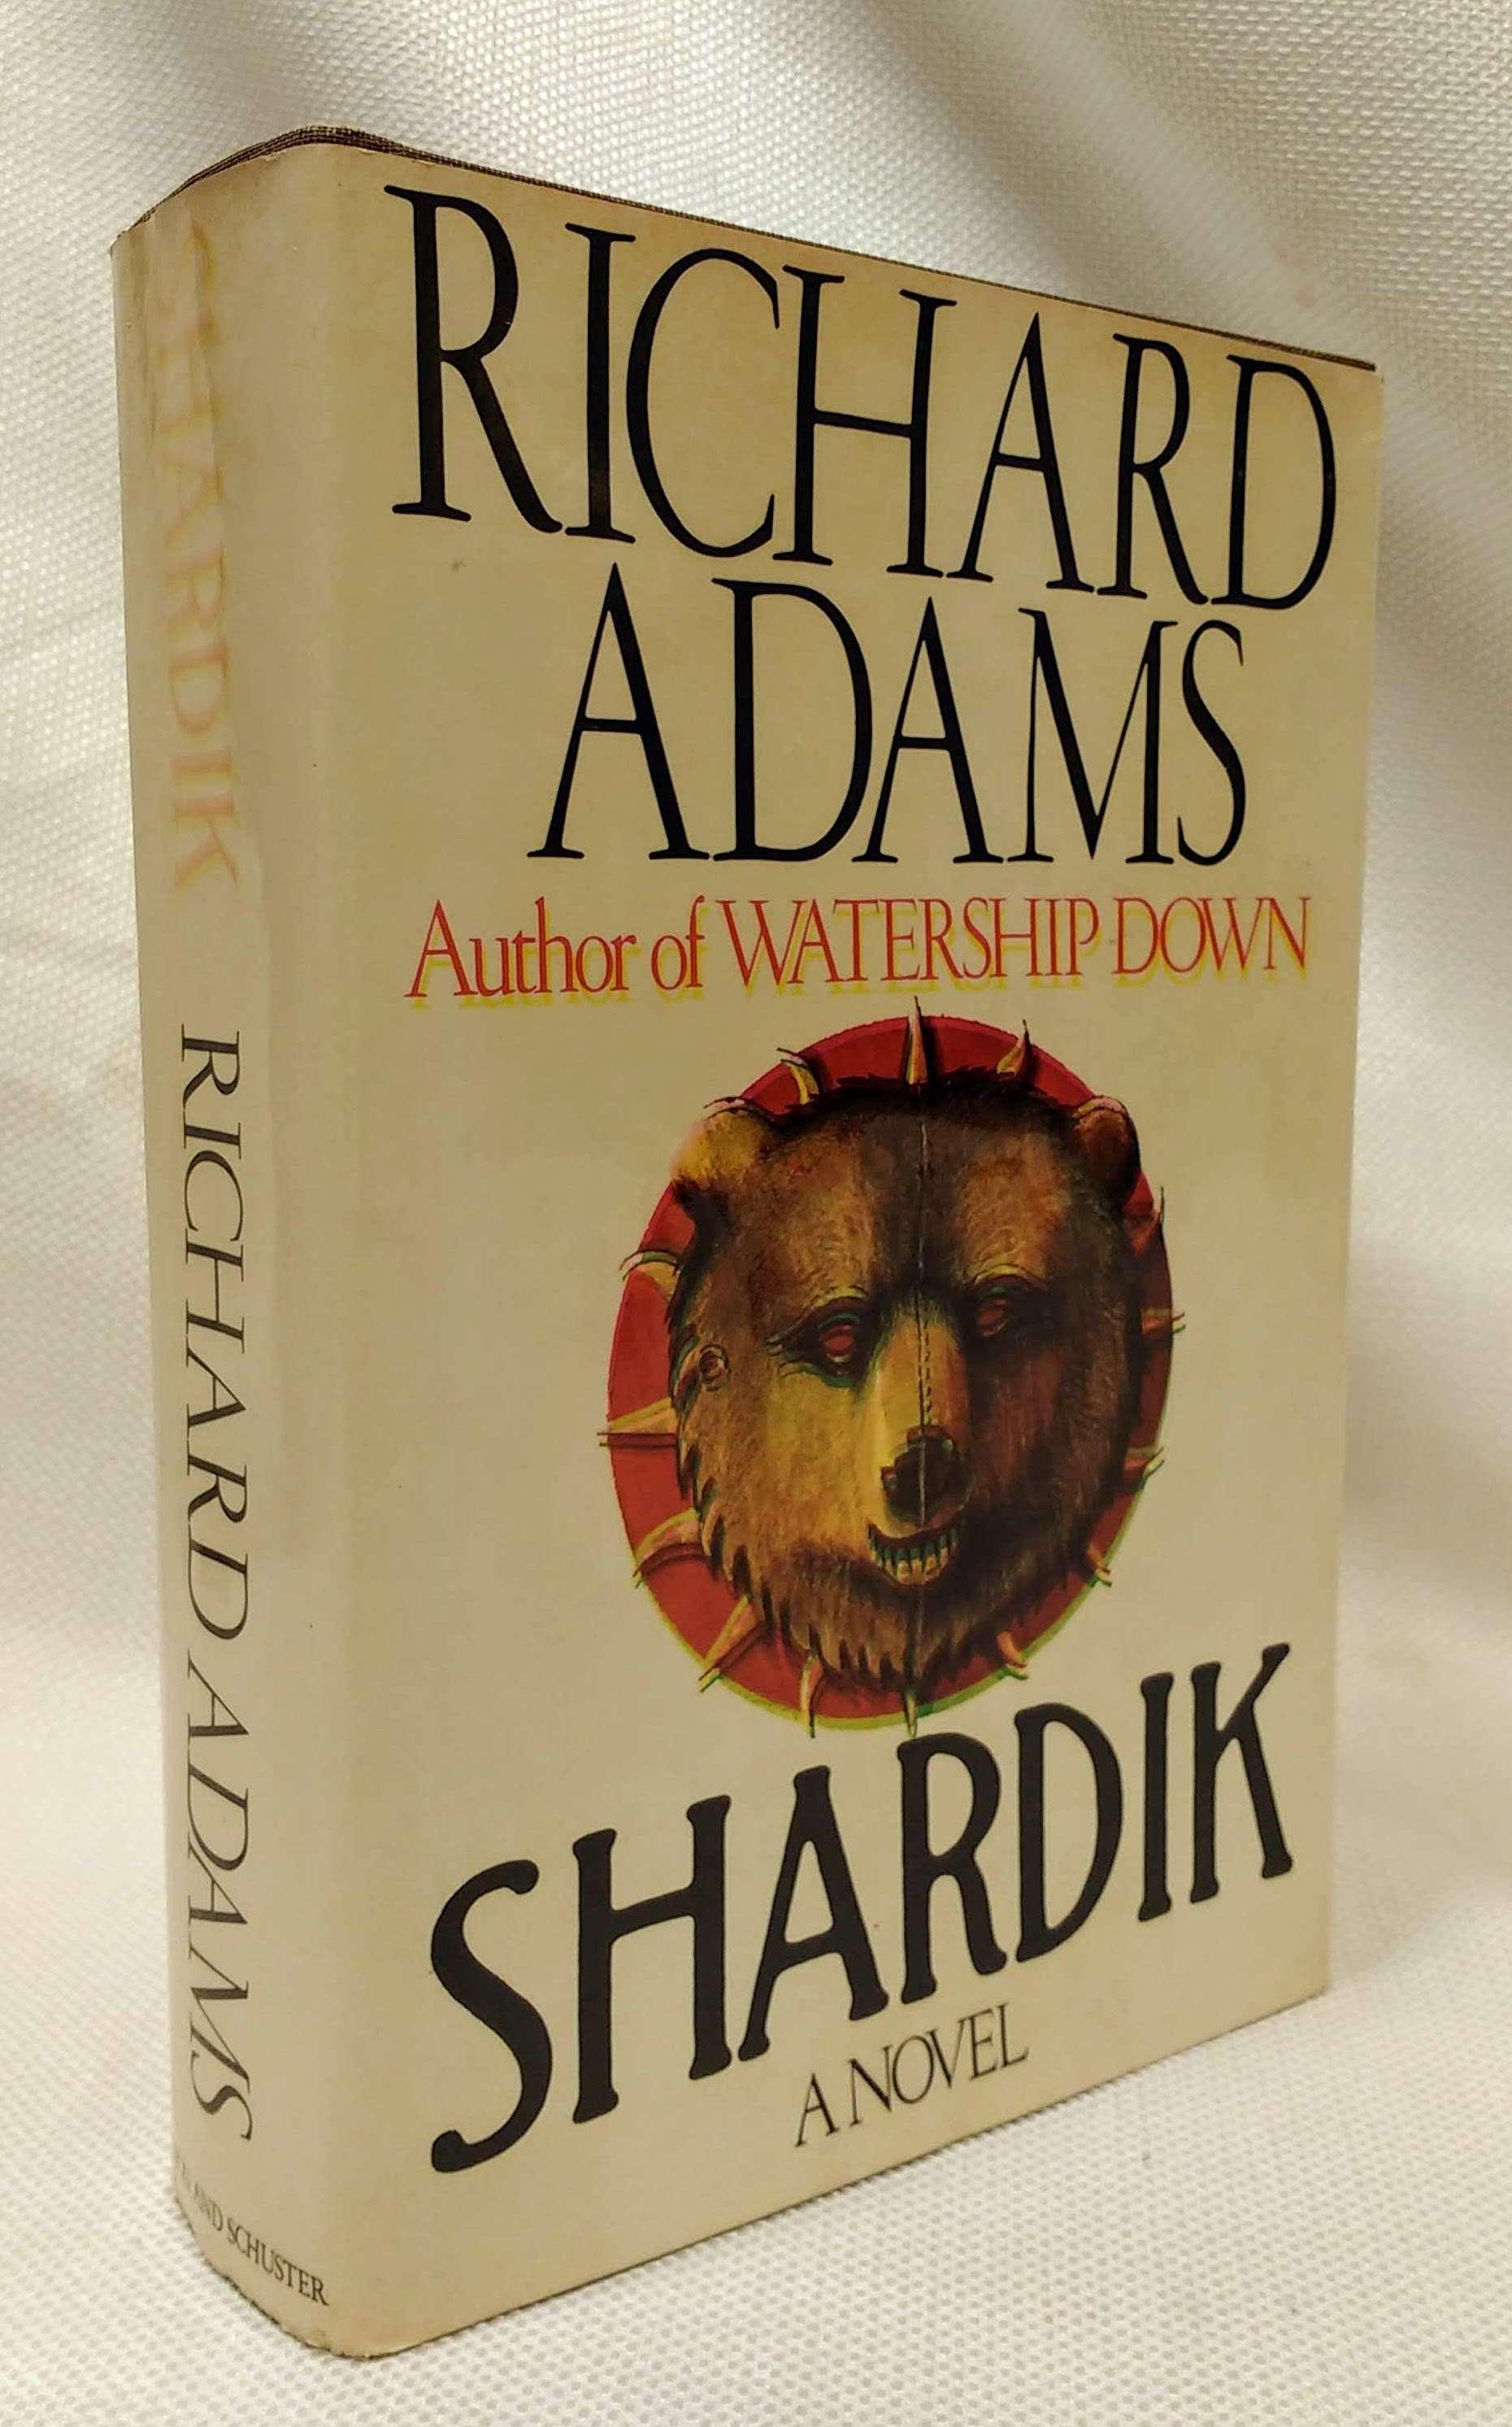 Shardik, Richard Adams